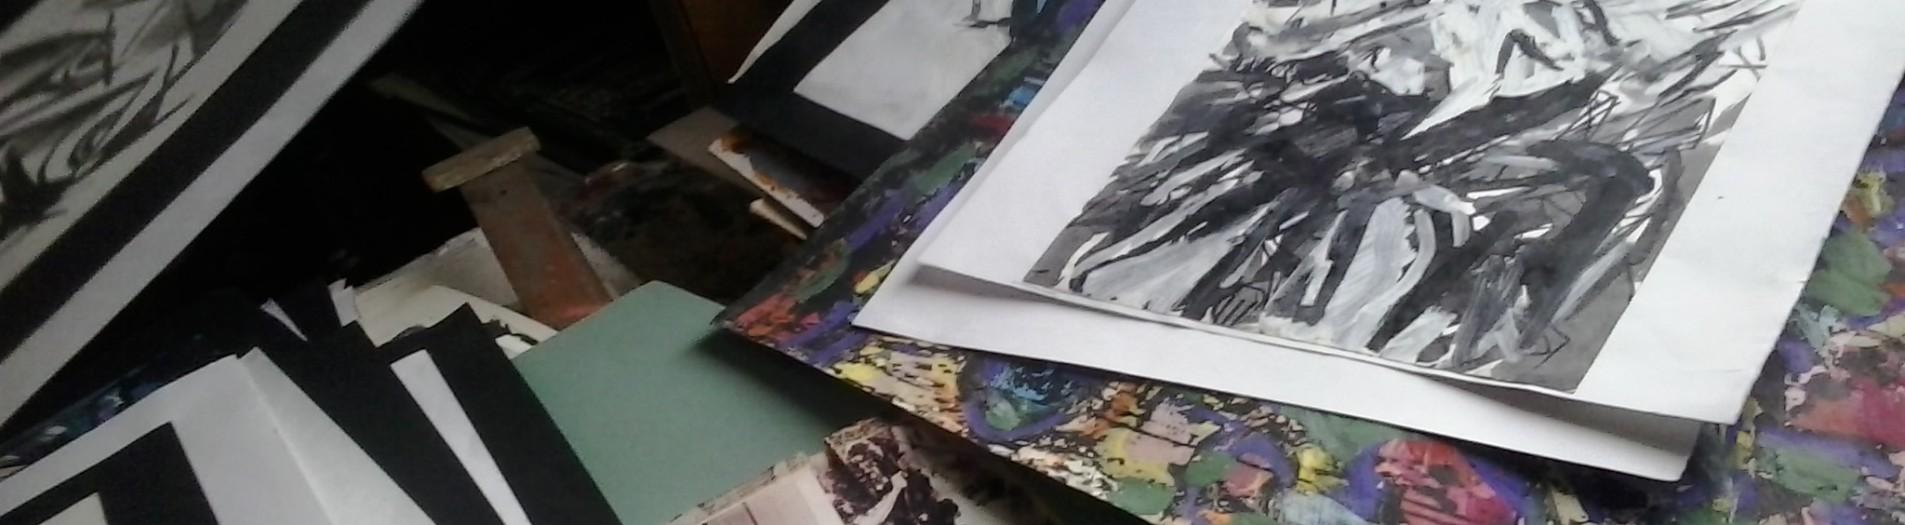 Съемки фильма о витебском художнике Александре Соловьеве.